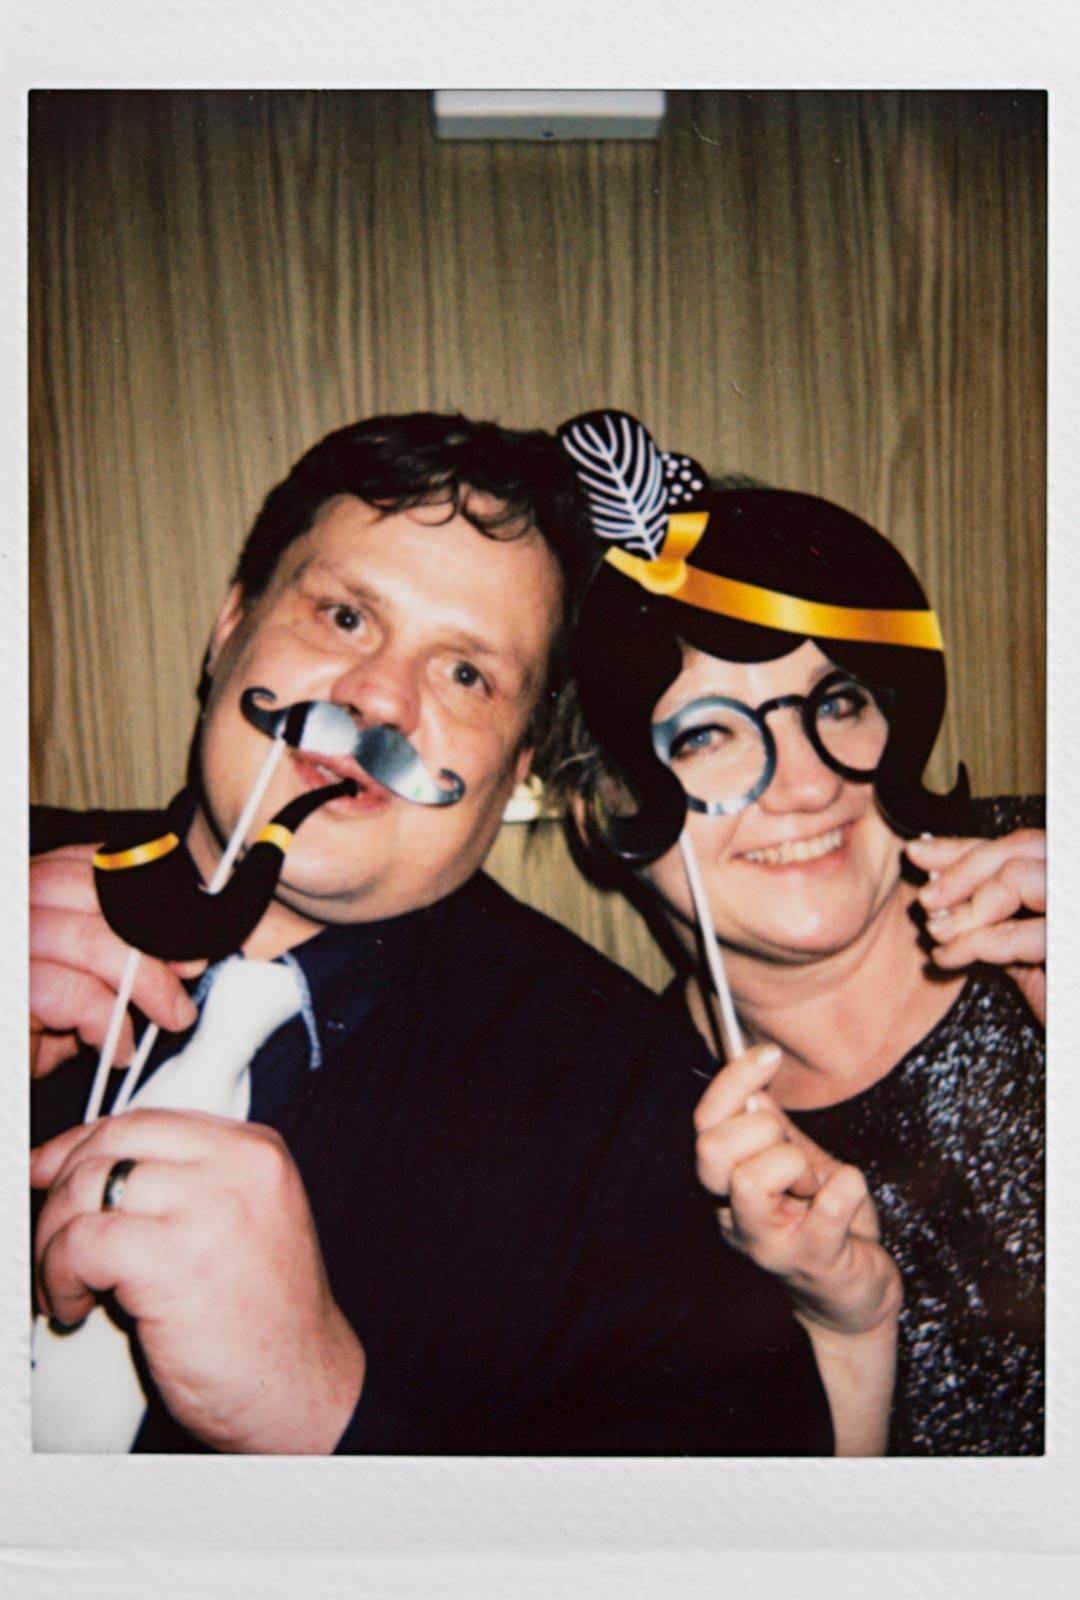 Polaroid-kuvissa hassuteltiin juhlallisesti.